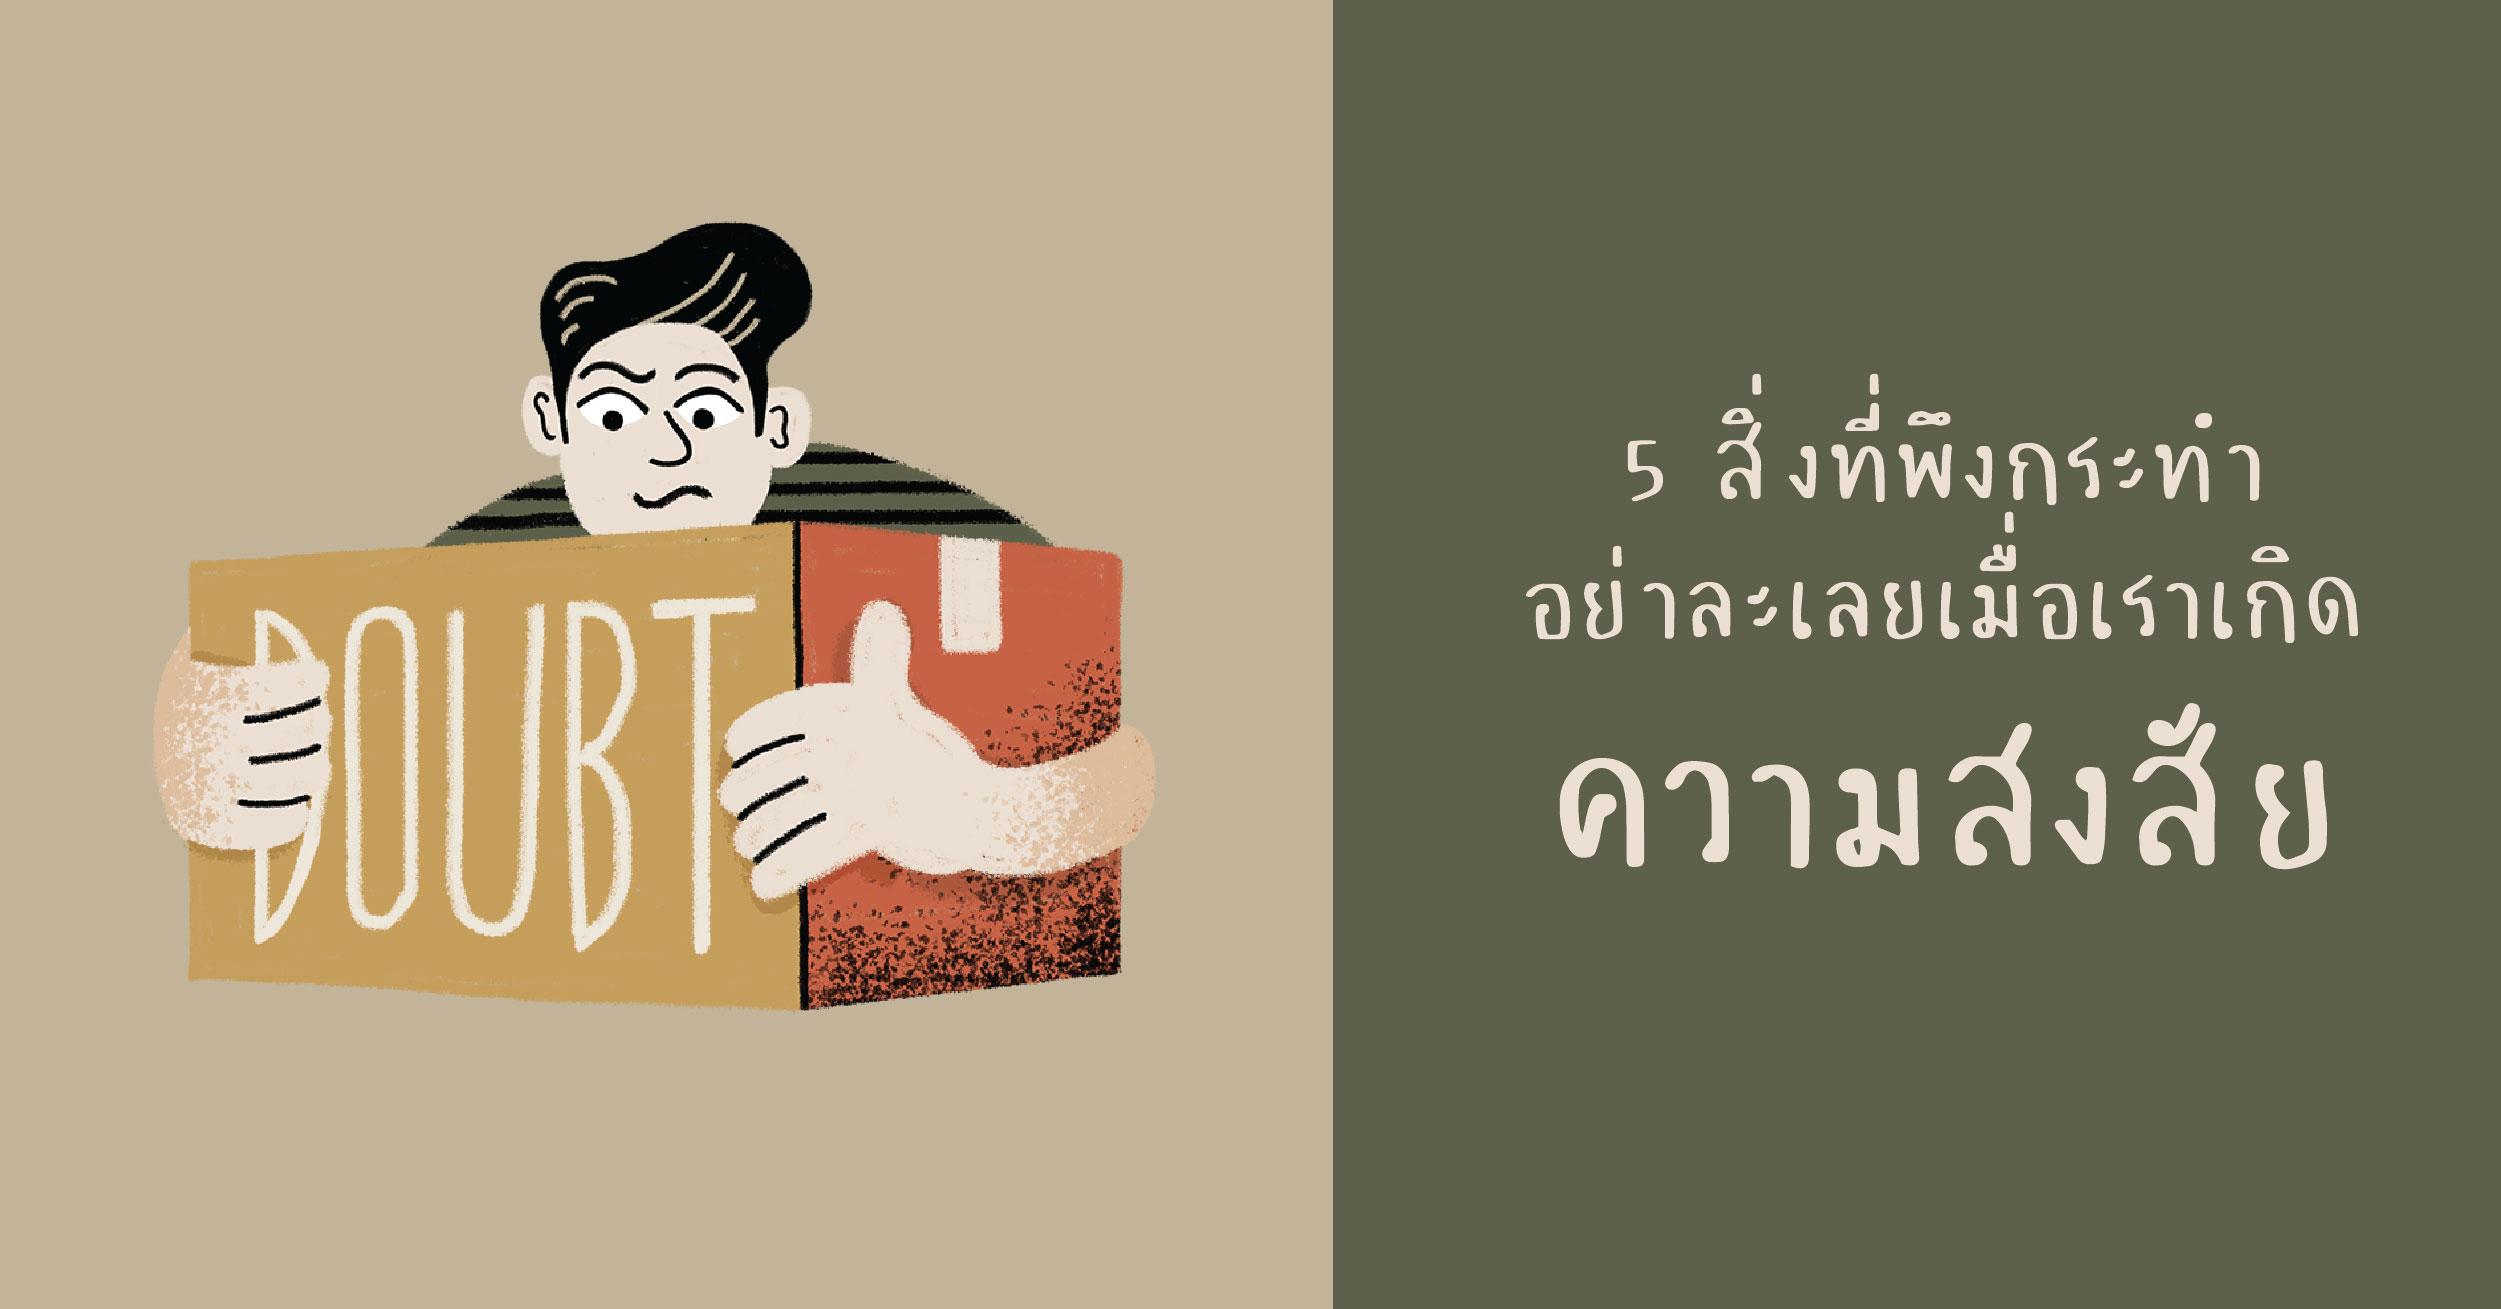 5 สิ่งที่พึงกระทำ อย่าละเลยเมื่อเราเกิดความสงสัย